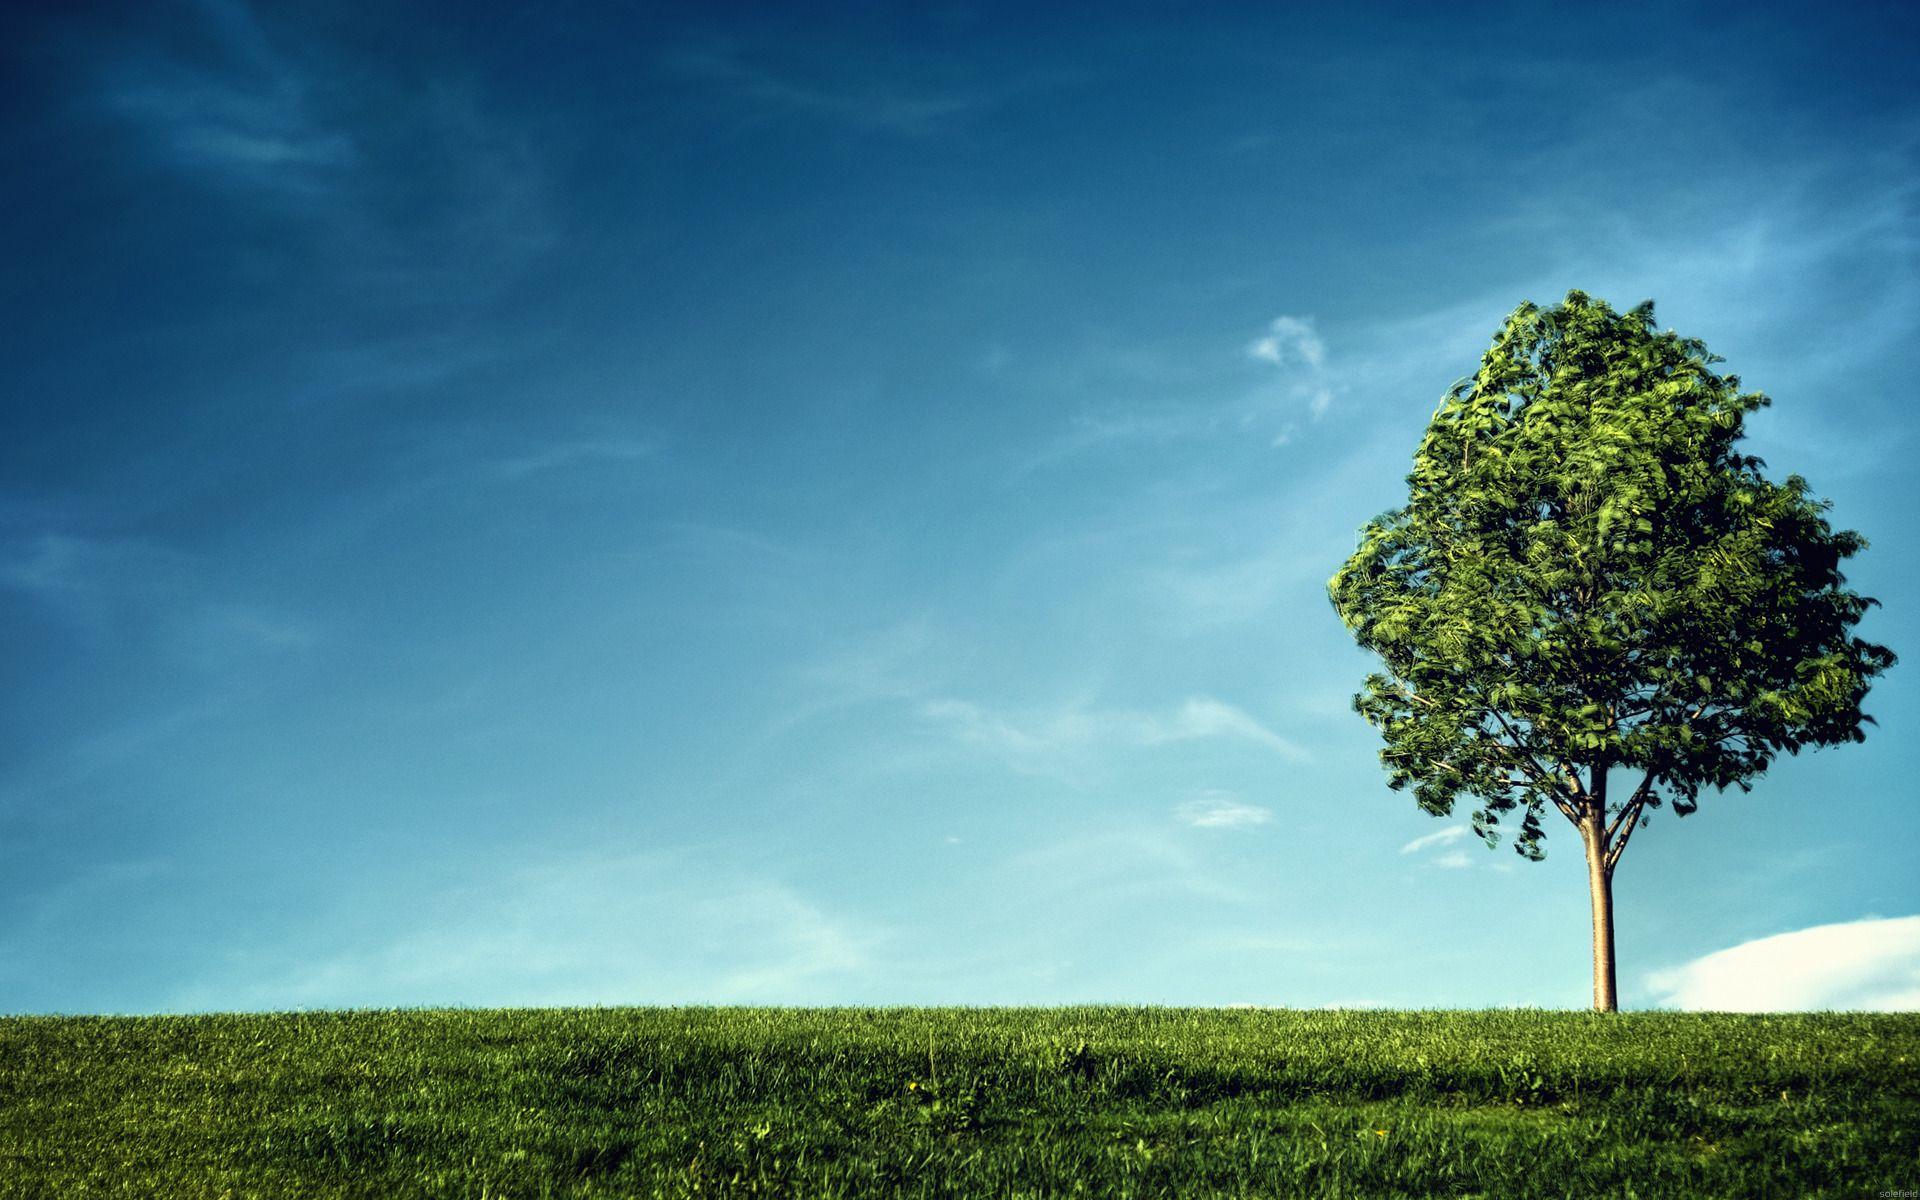 Tree Wallpaper HD #WYv | Earth | Pinterest | Wallpaper